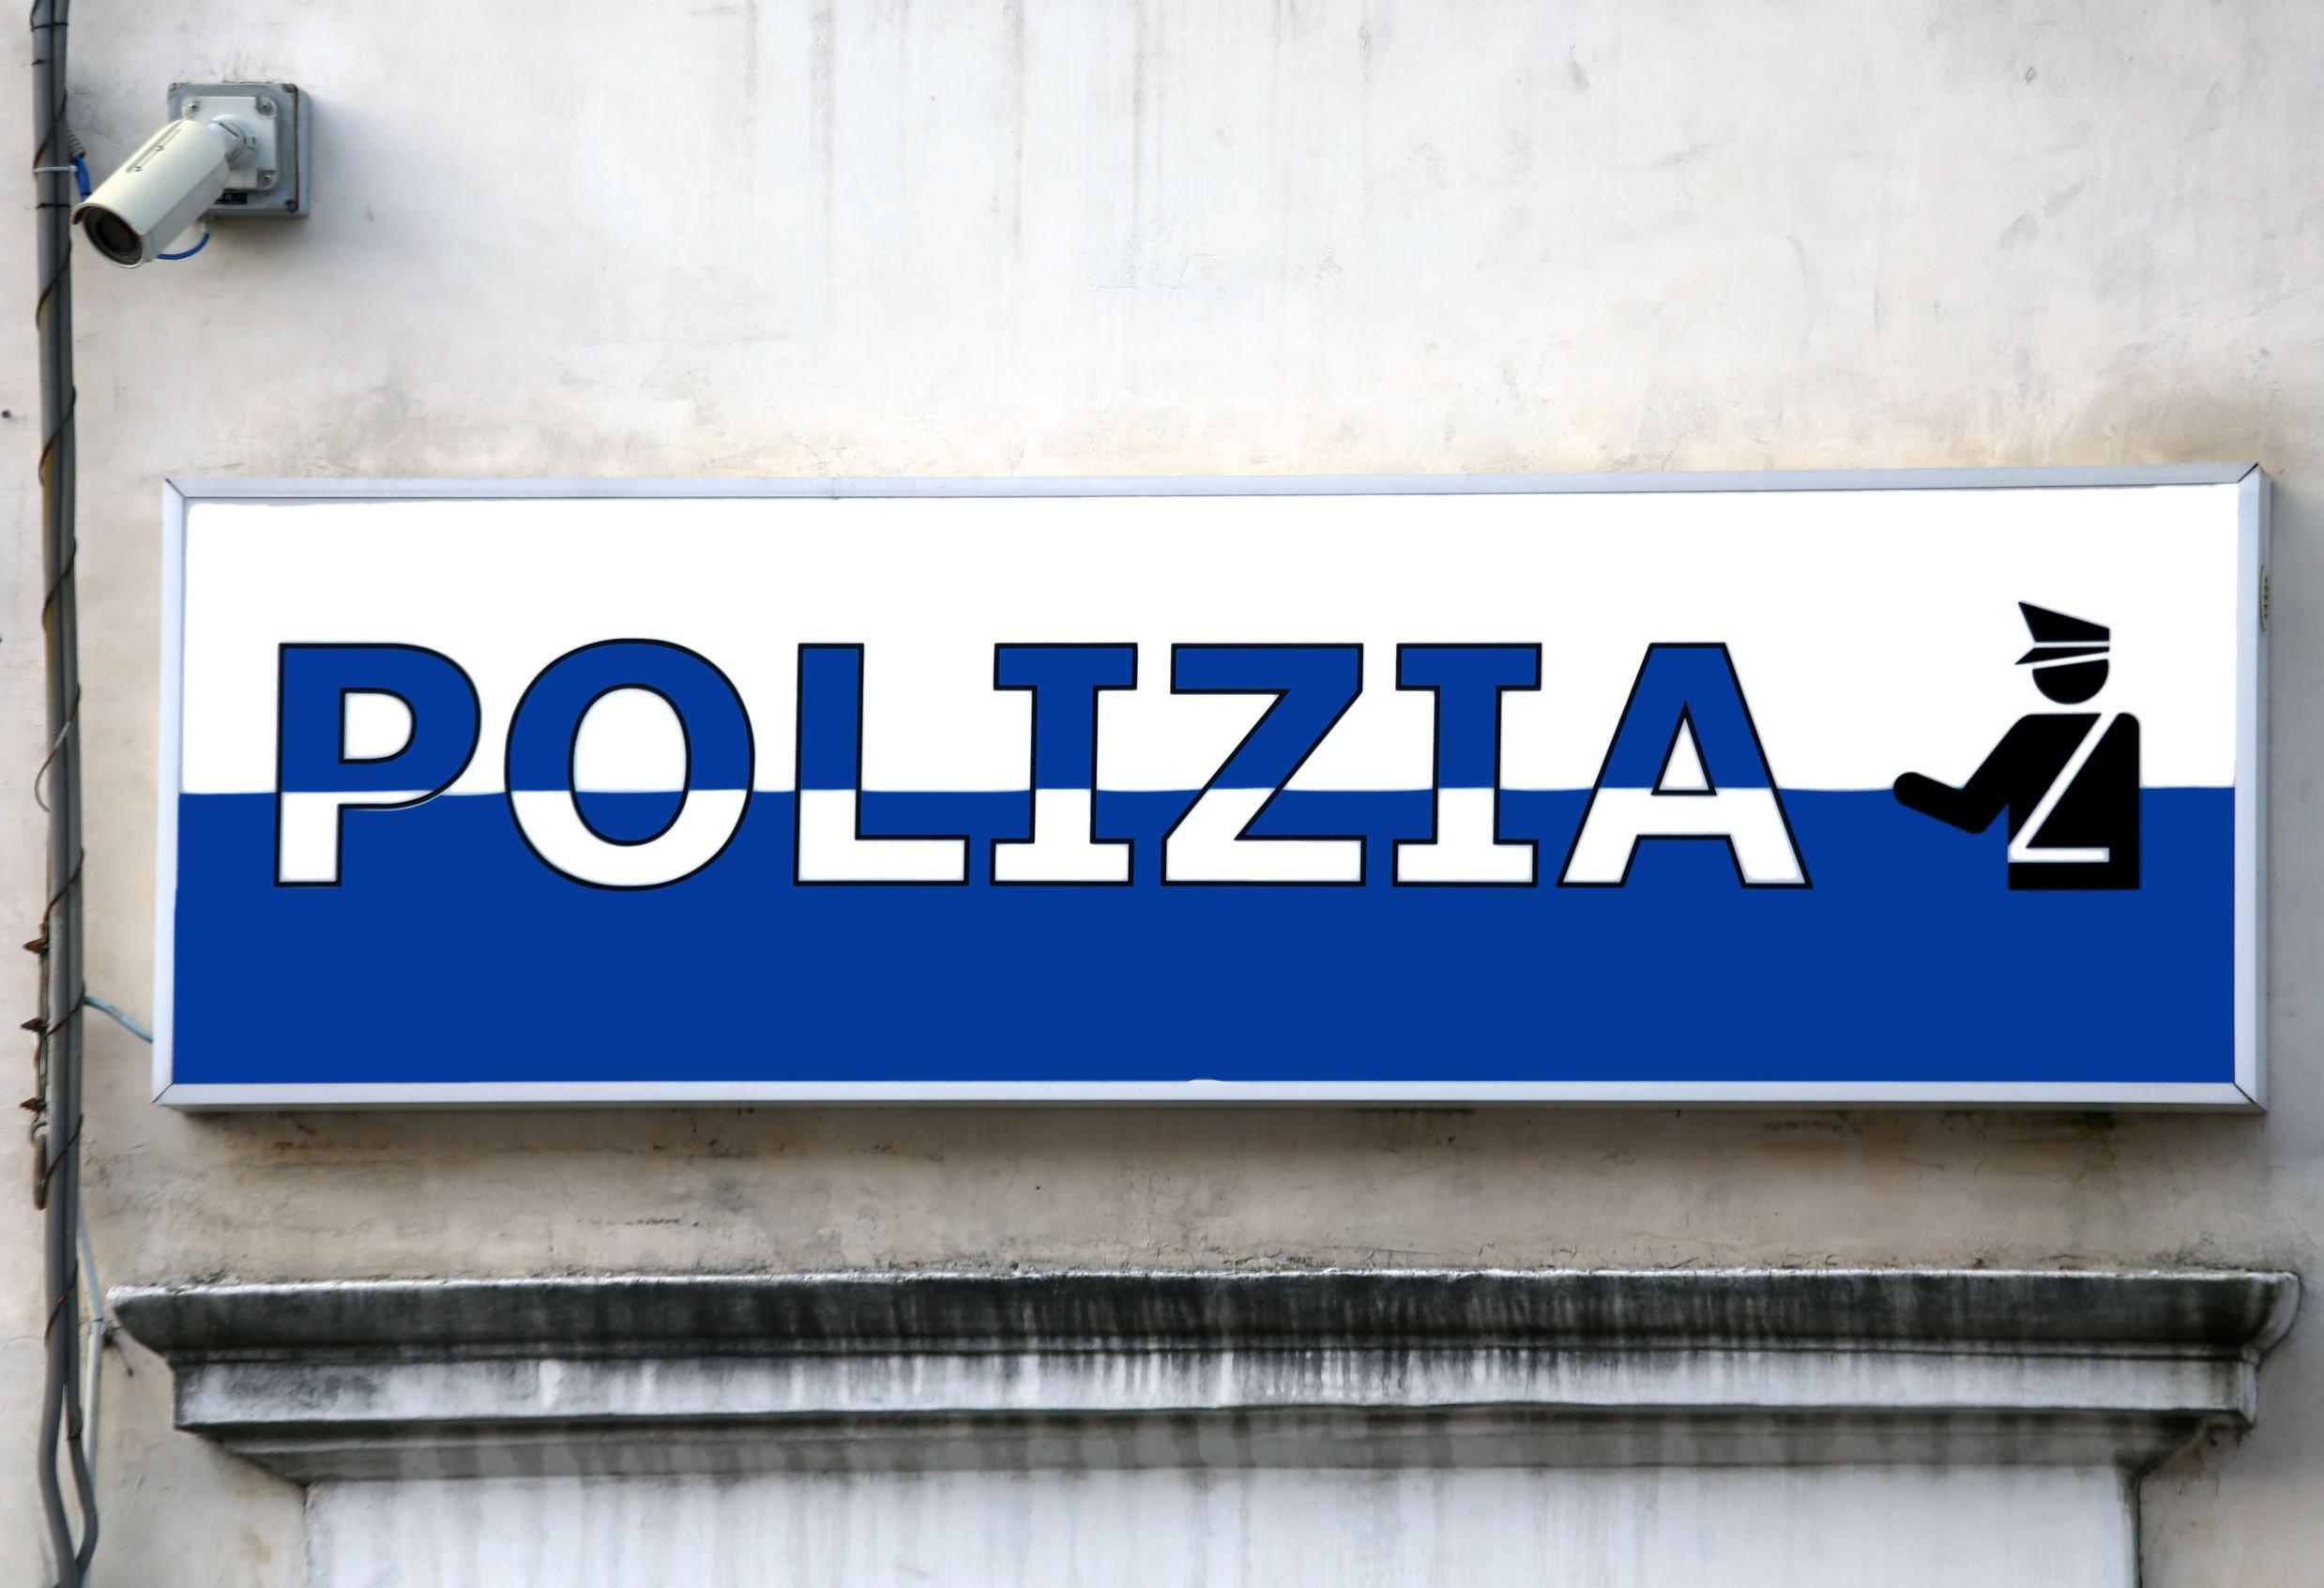 Polizia di stato le sanzioni disciplinari for Questura di polizia